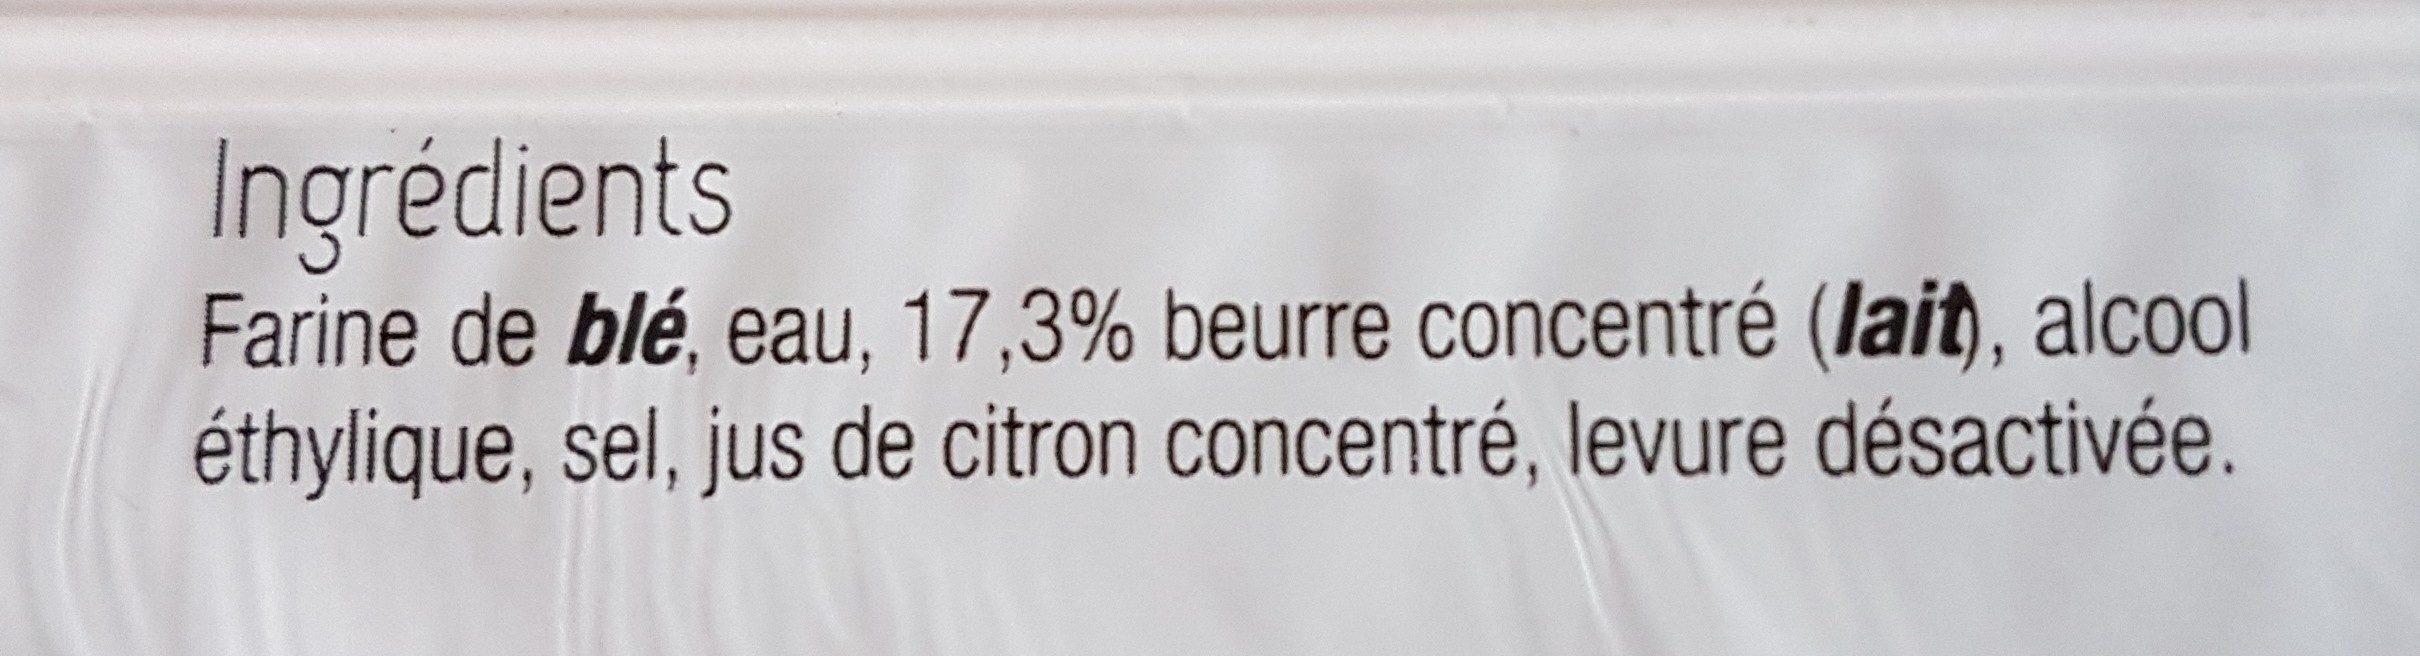 Pâte brisée au beurre - Ingredients - fr